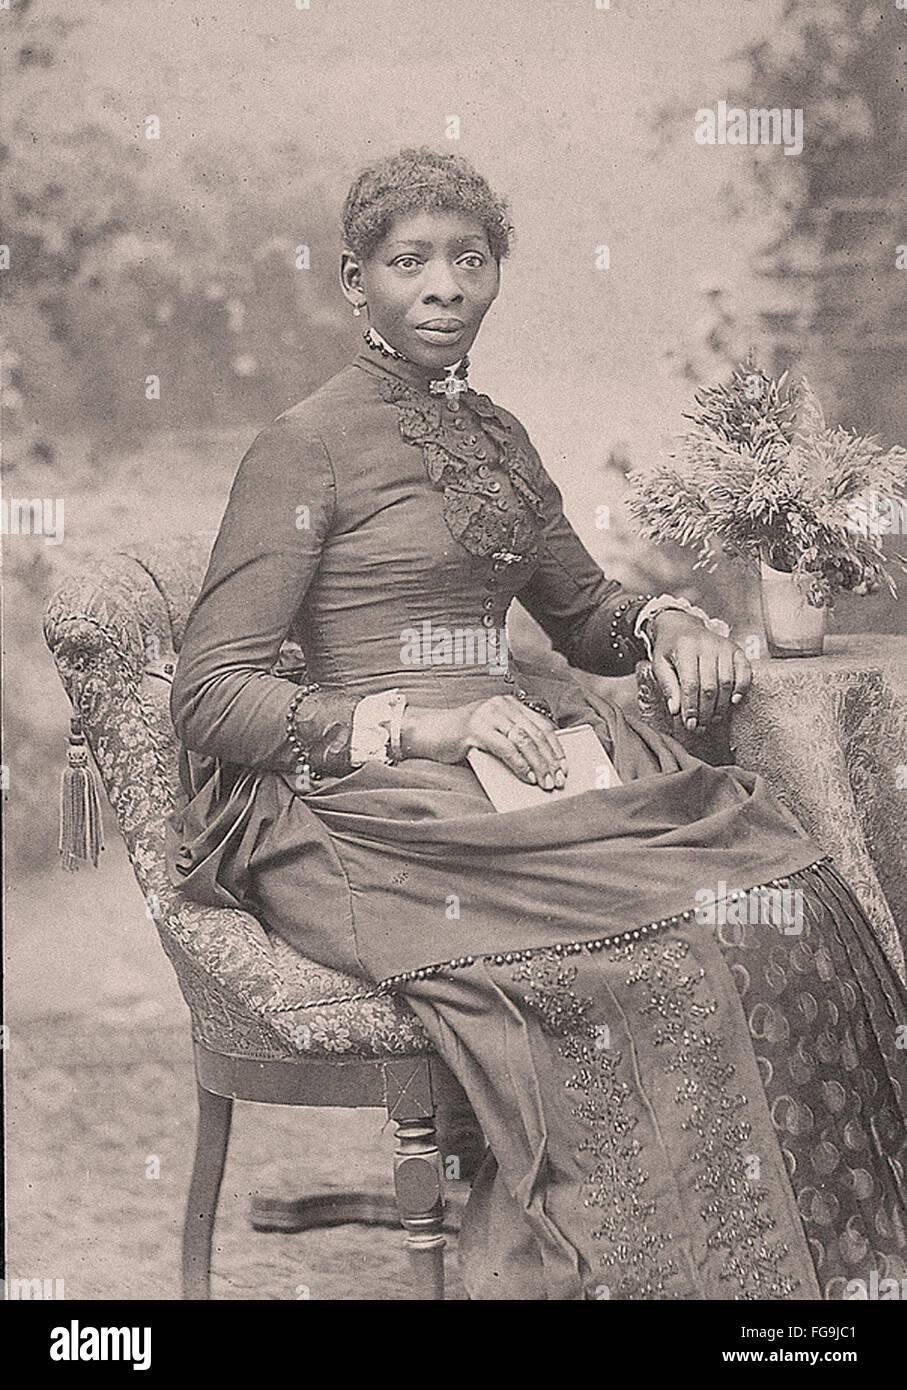 Ritratto di un afro-americane donna nel tardo XIX secolo Immagini Stock